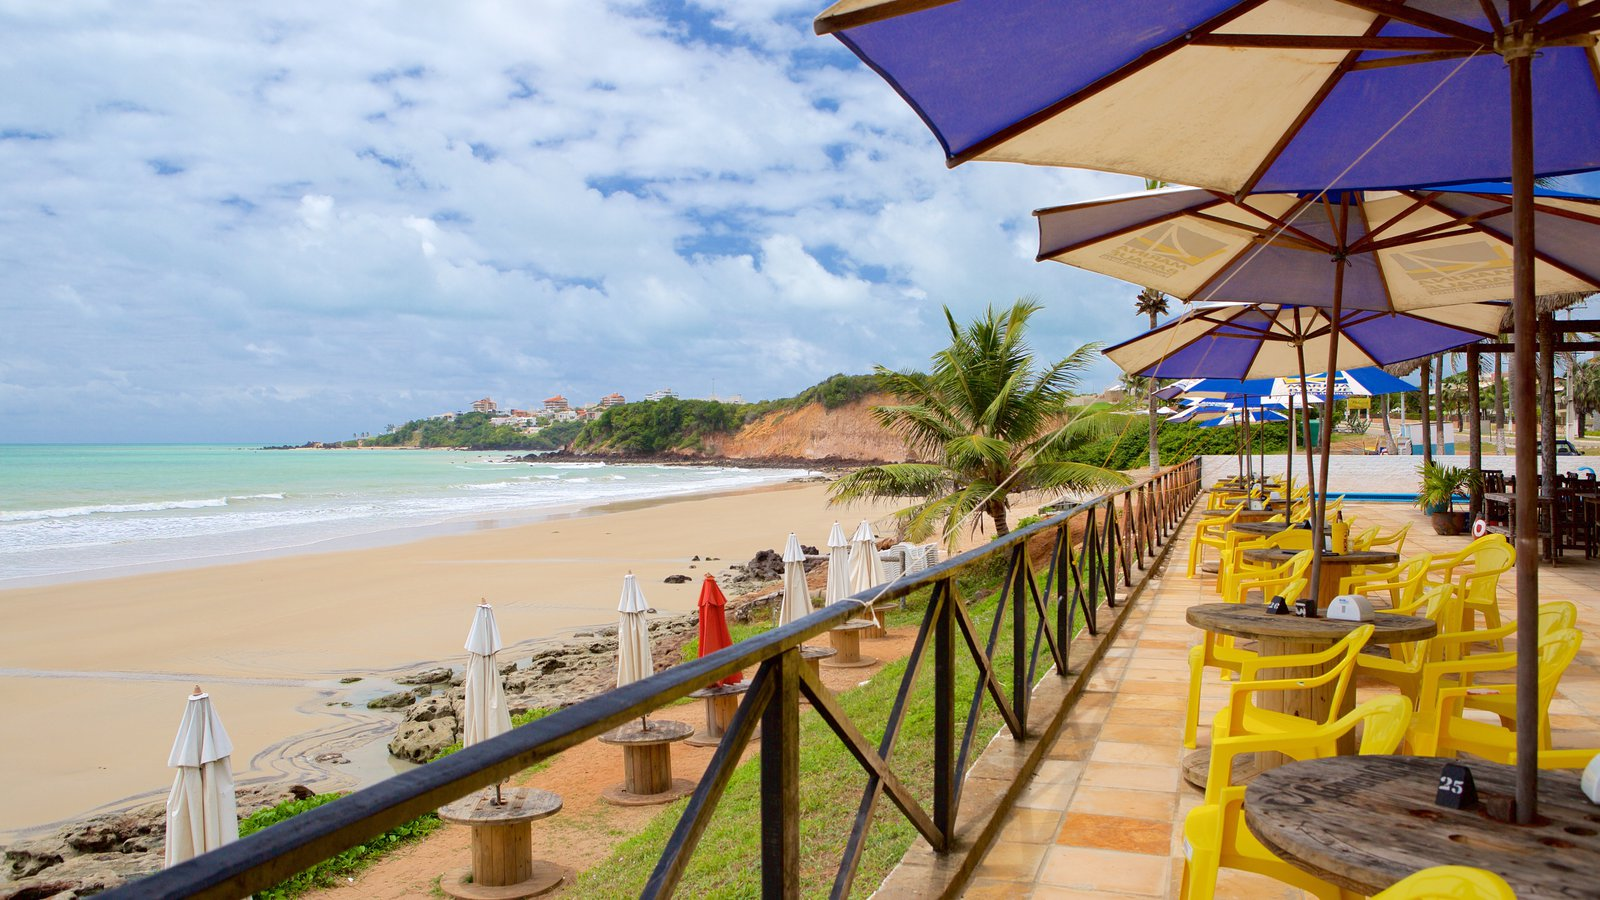 Praia de Cotovelo que inclui uma praia de areia e paisagens litorâneas